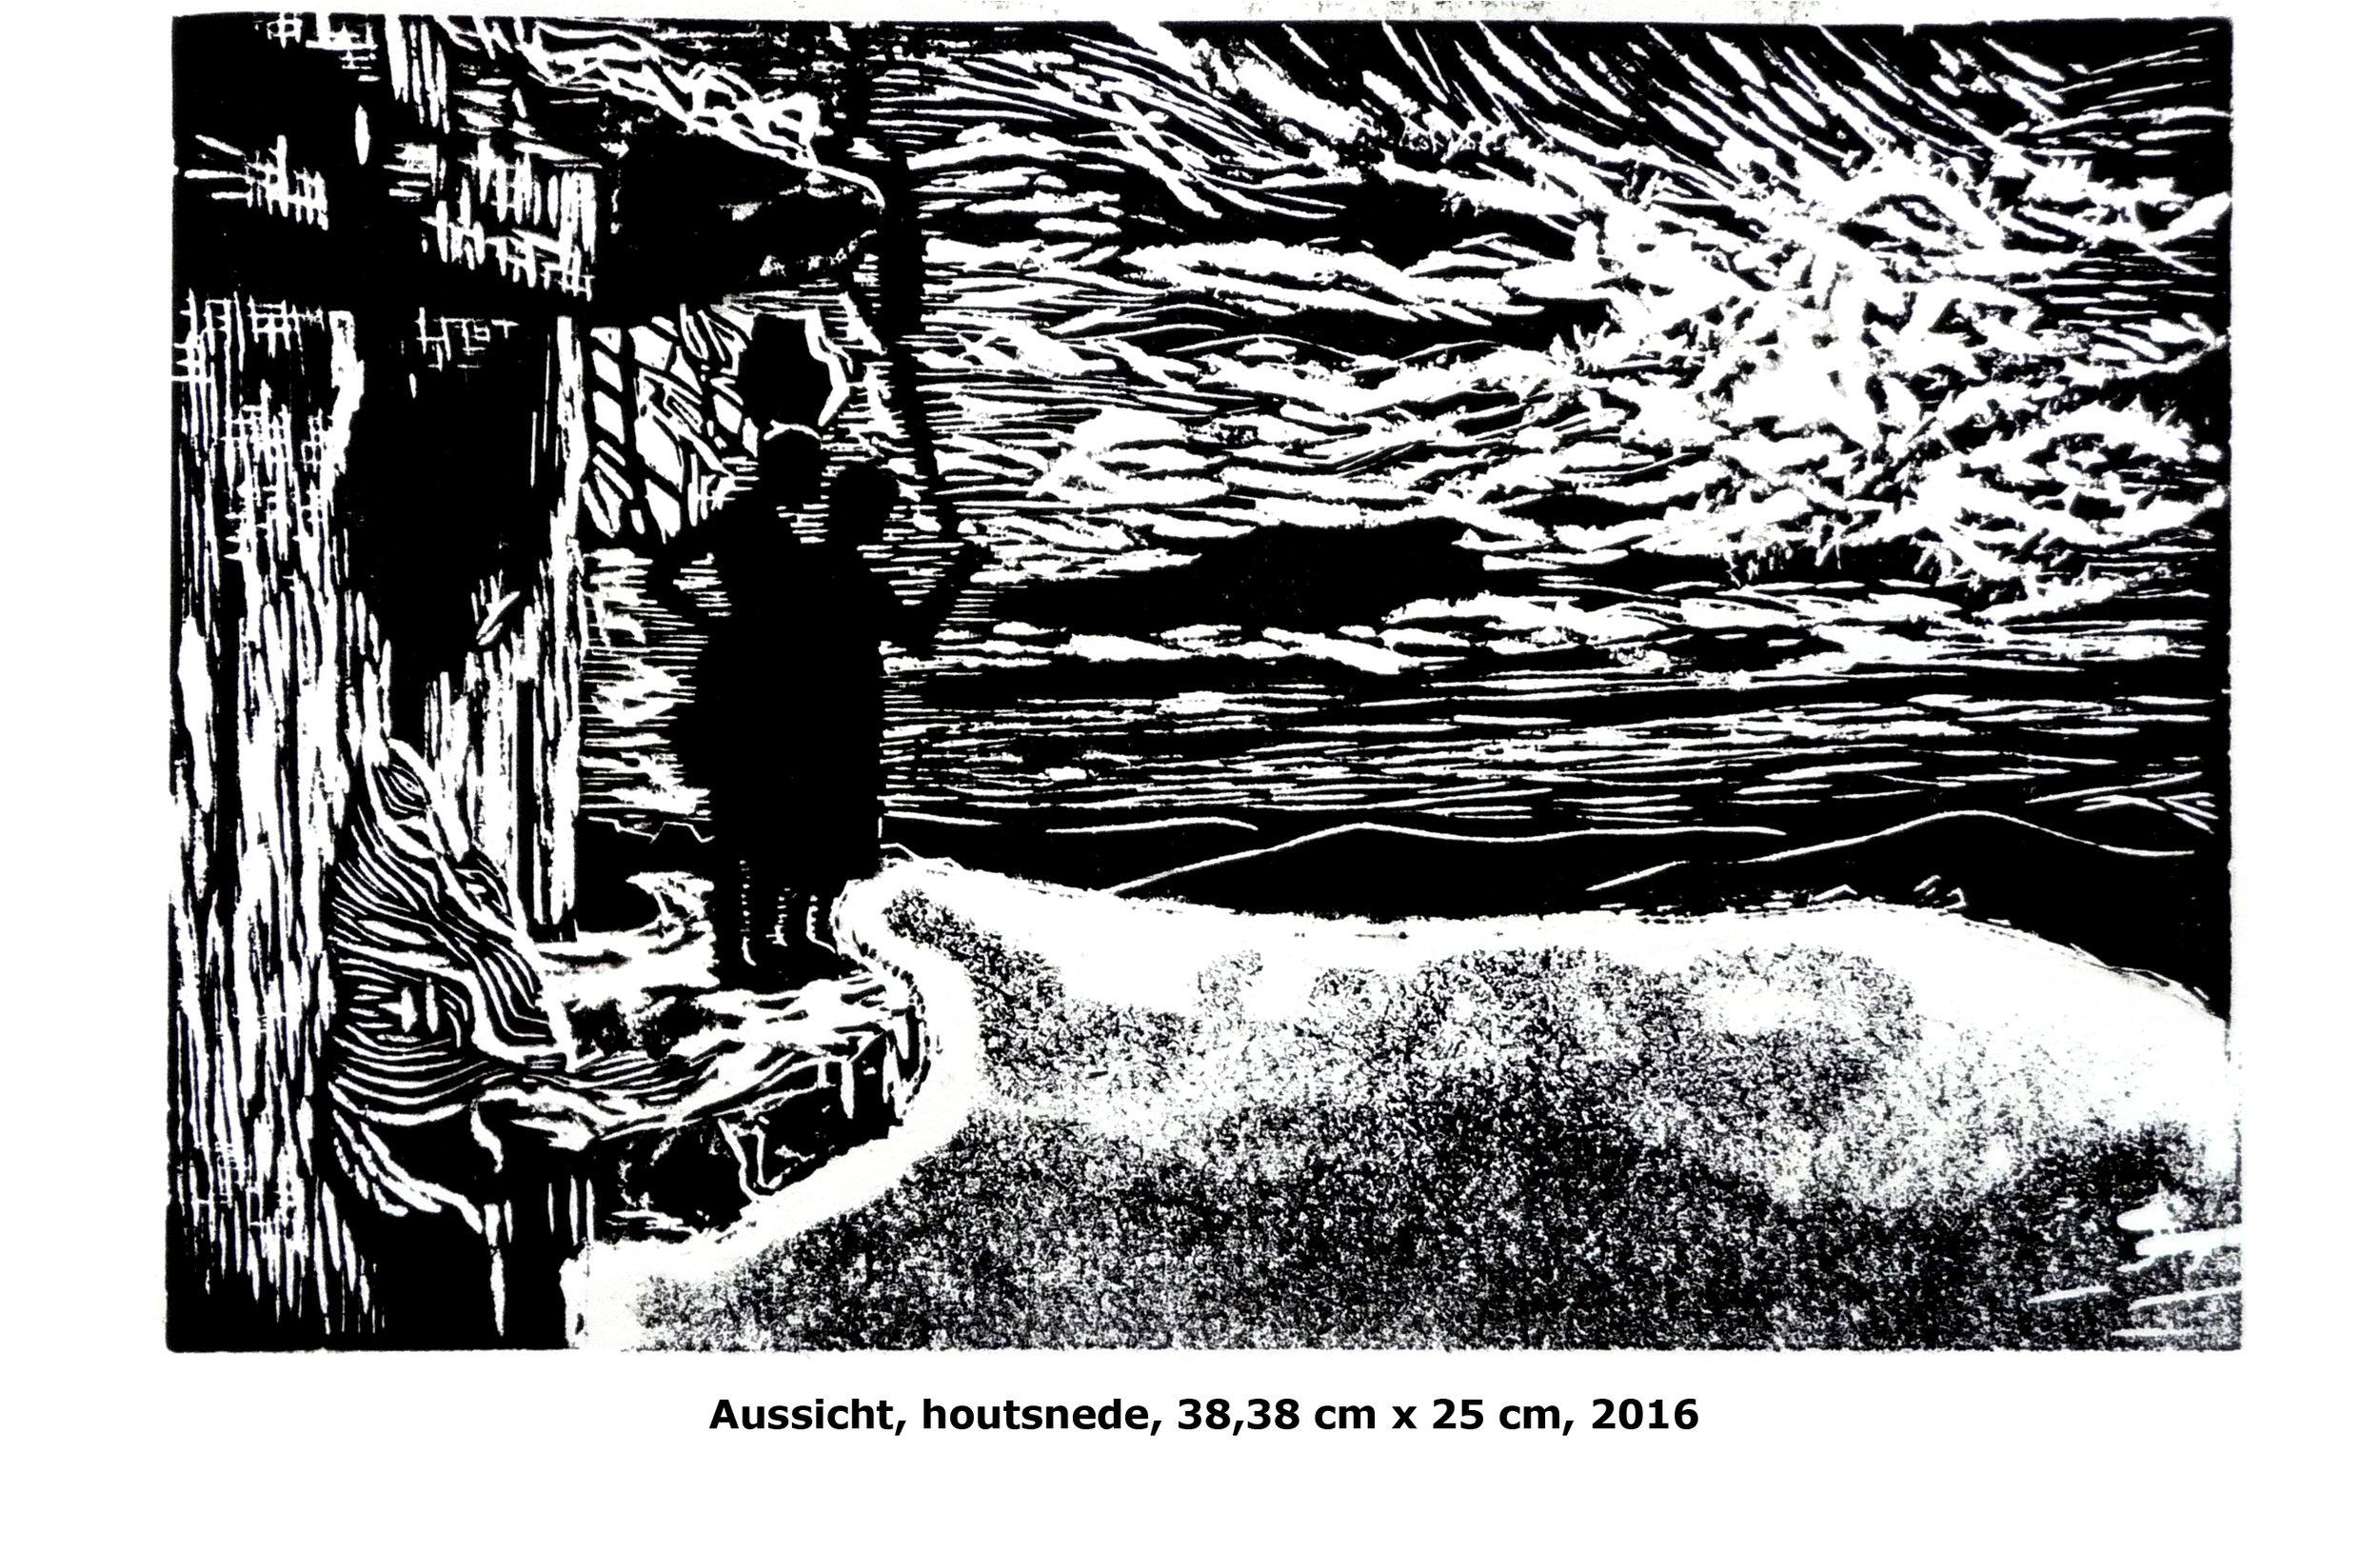 Aussicht, woodcut, 31 x 35 cm, 2016